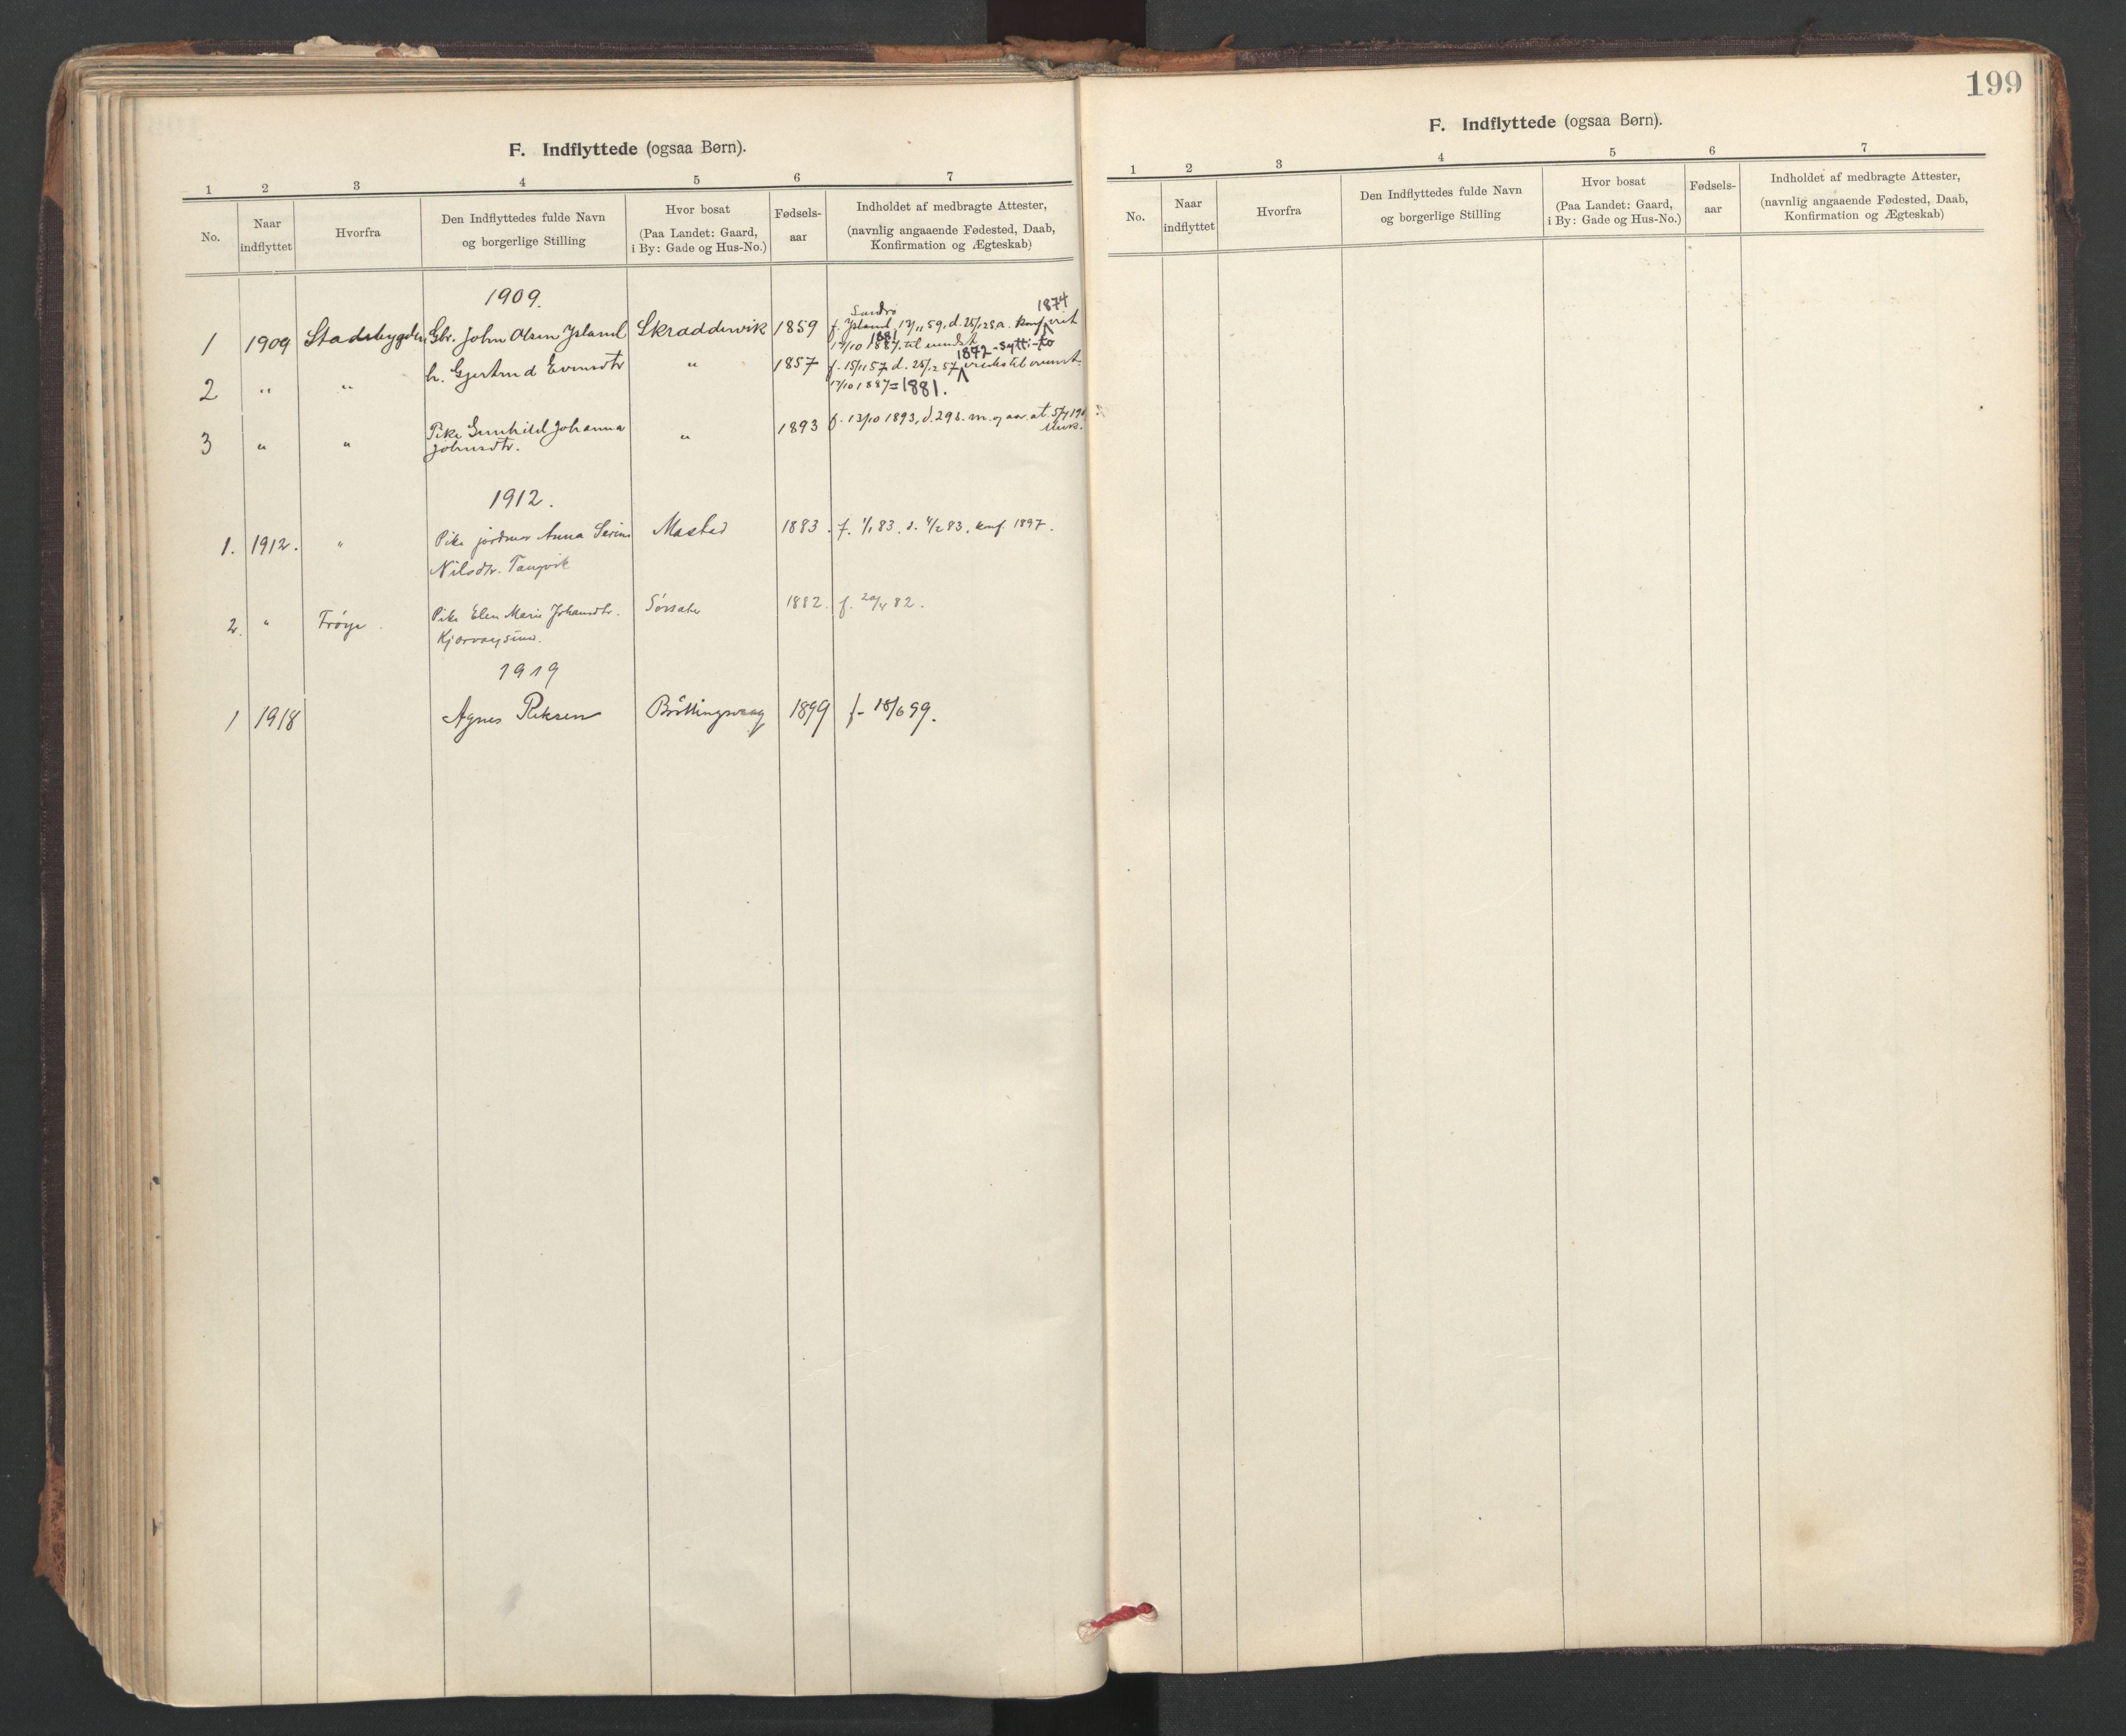 SAT, Ministerialprotokoller, klokkerbøker og fødselsregistre - Sør-Trøndelag, 637/L0559: Ministerialbok nr. 637A02, 1899-1923, s. 199